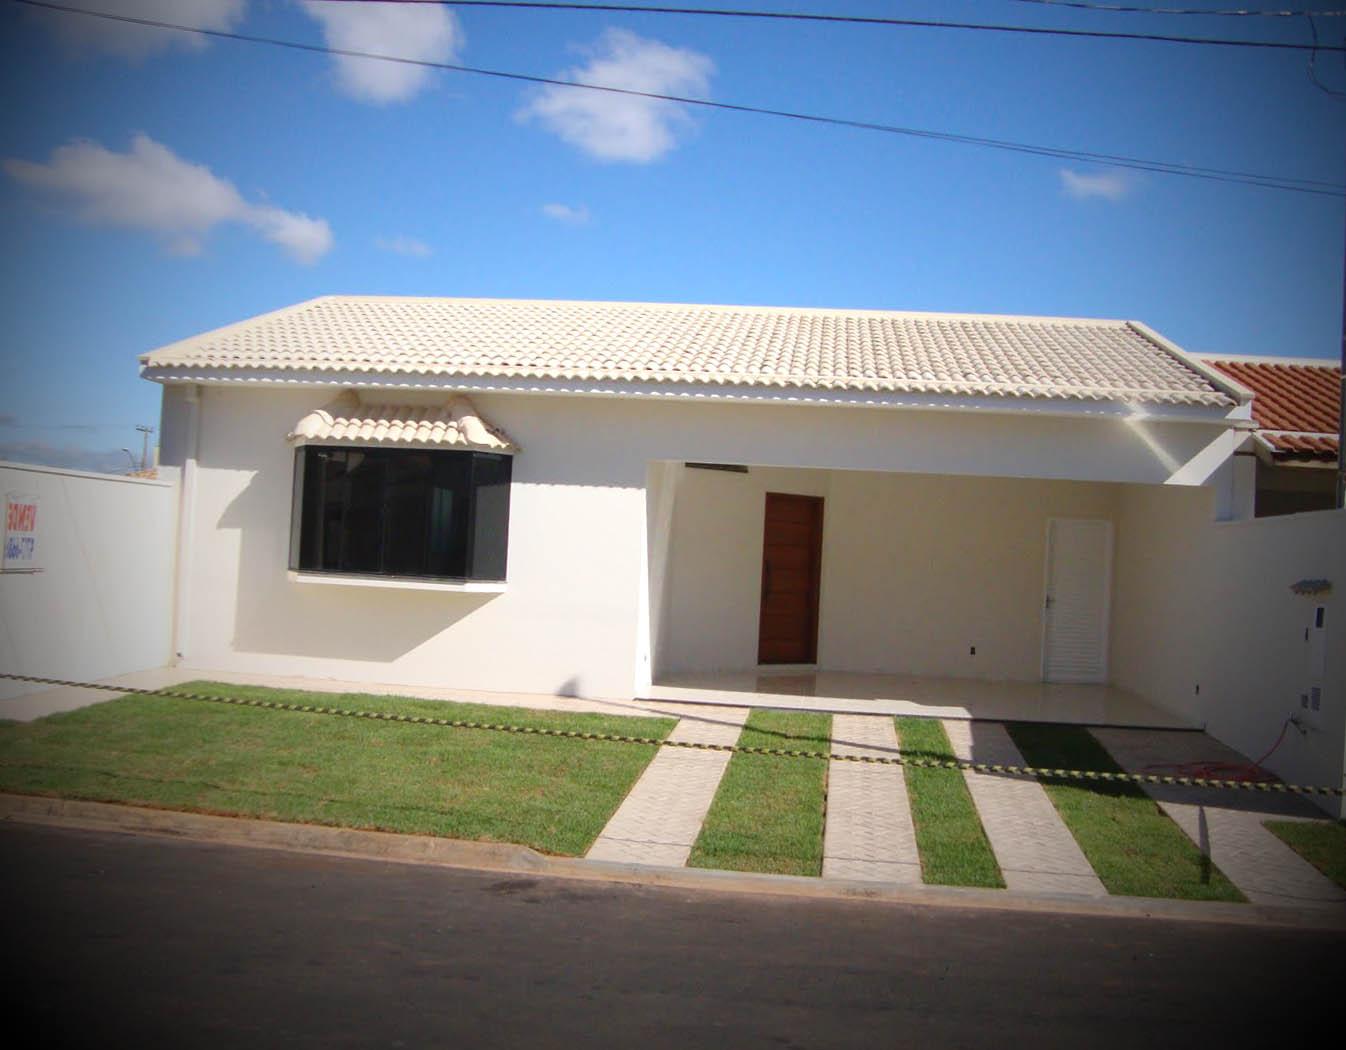 12 fachadas de casas pequenas for Casas pequenas modelos